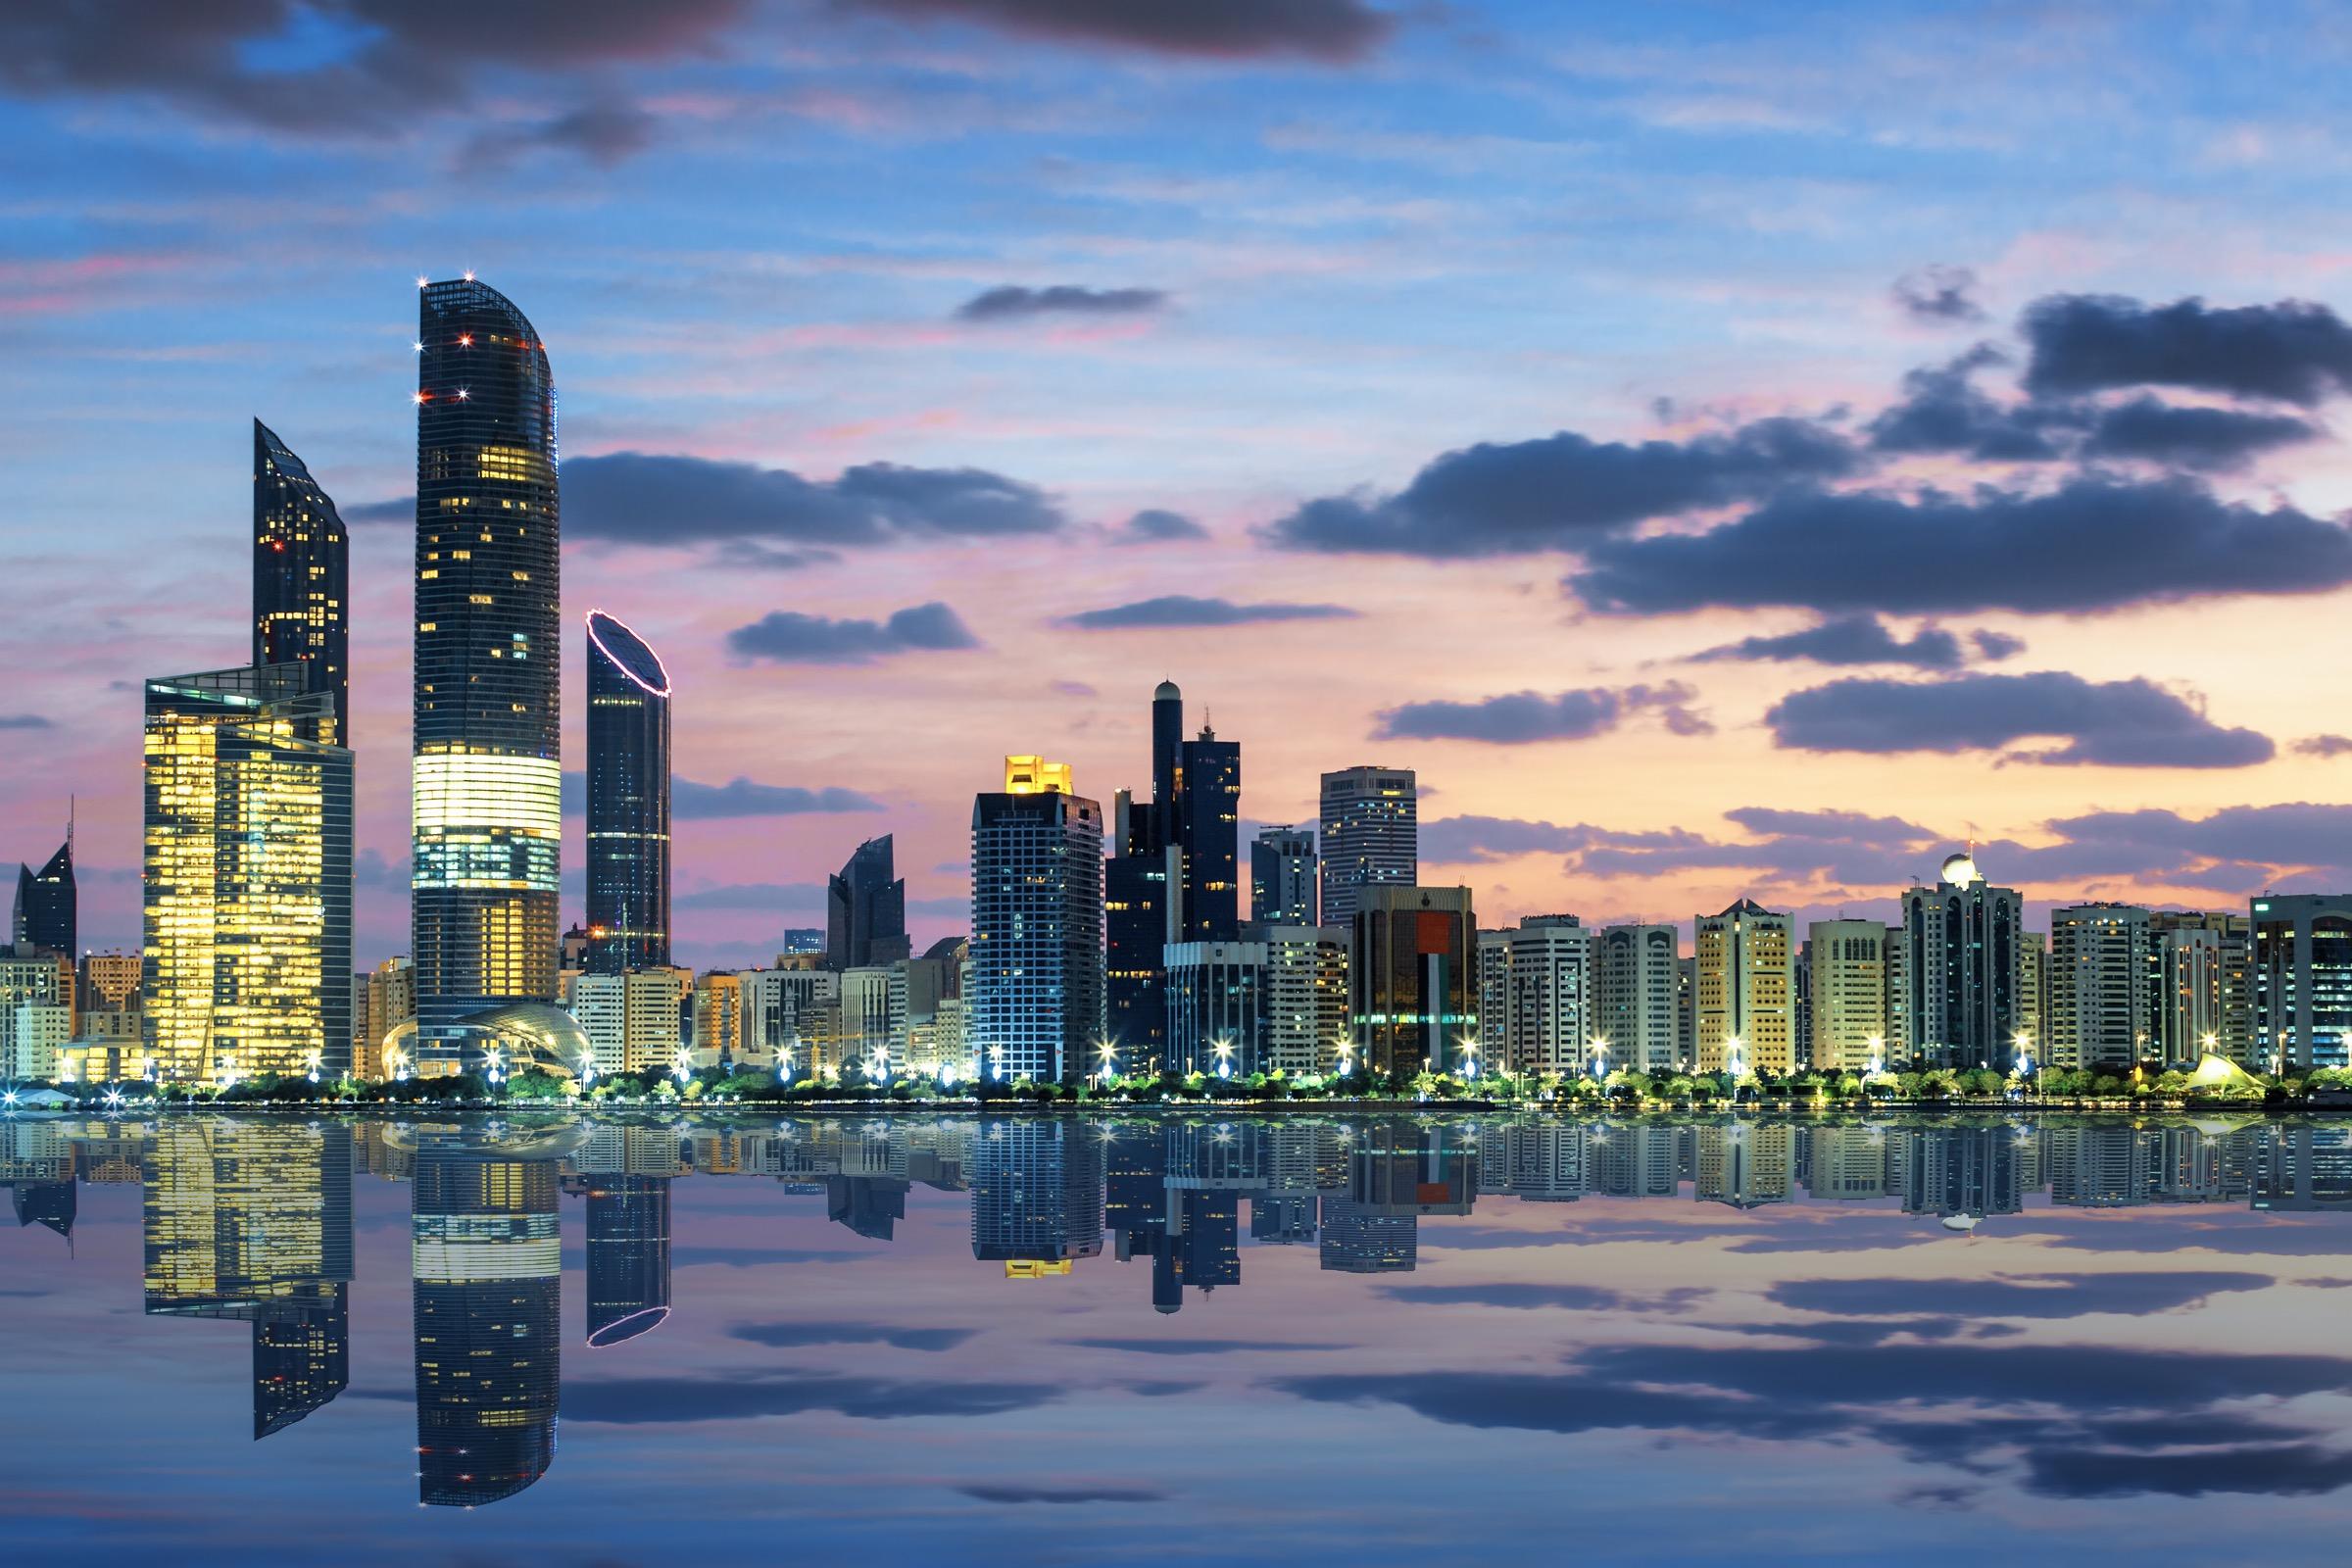 أبوظبي ثاني أفضل مدن العالم للعمل والإقامة وممارسة الأعمال